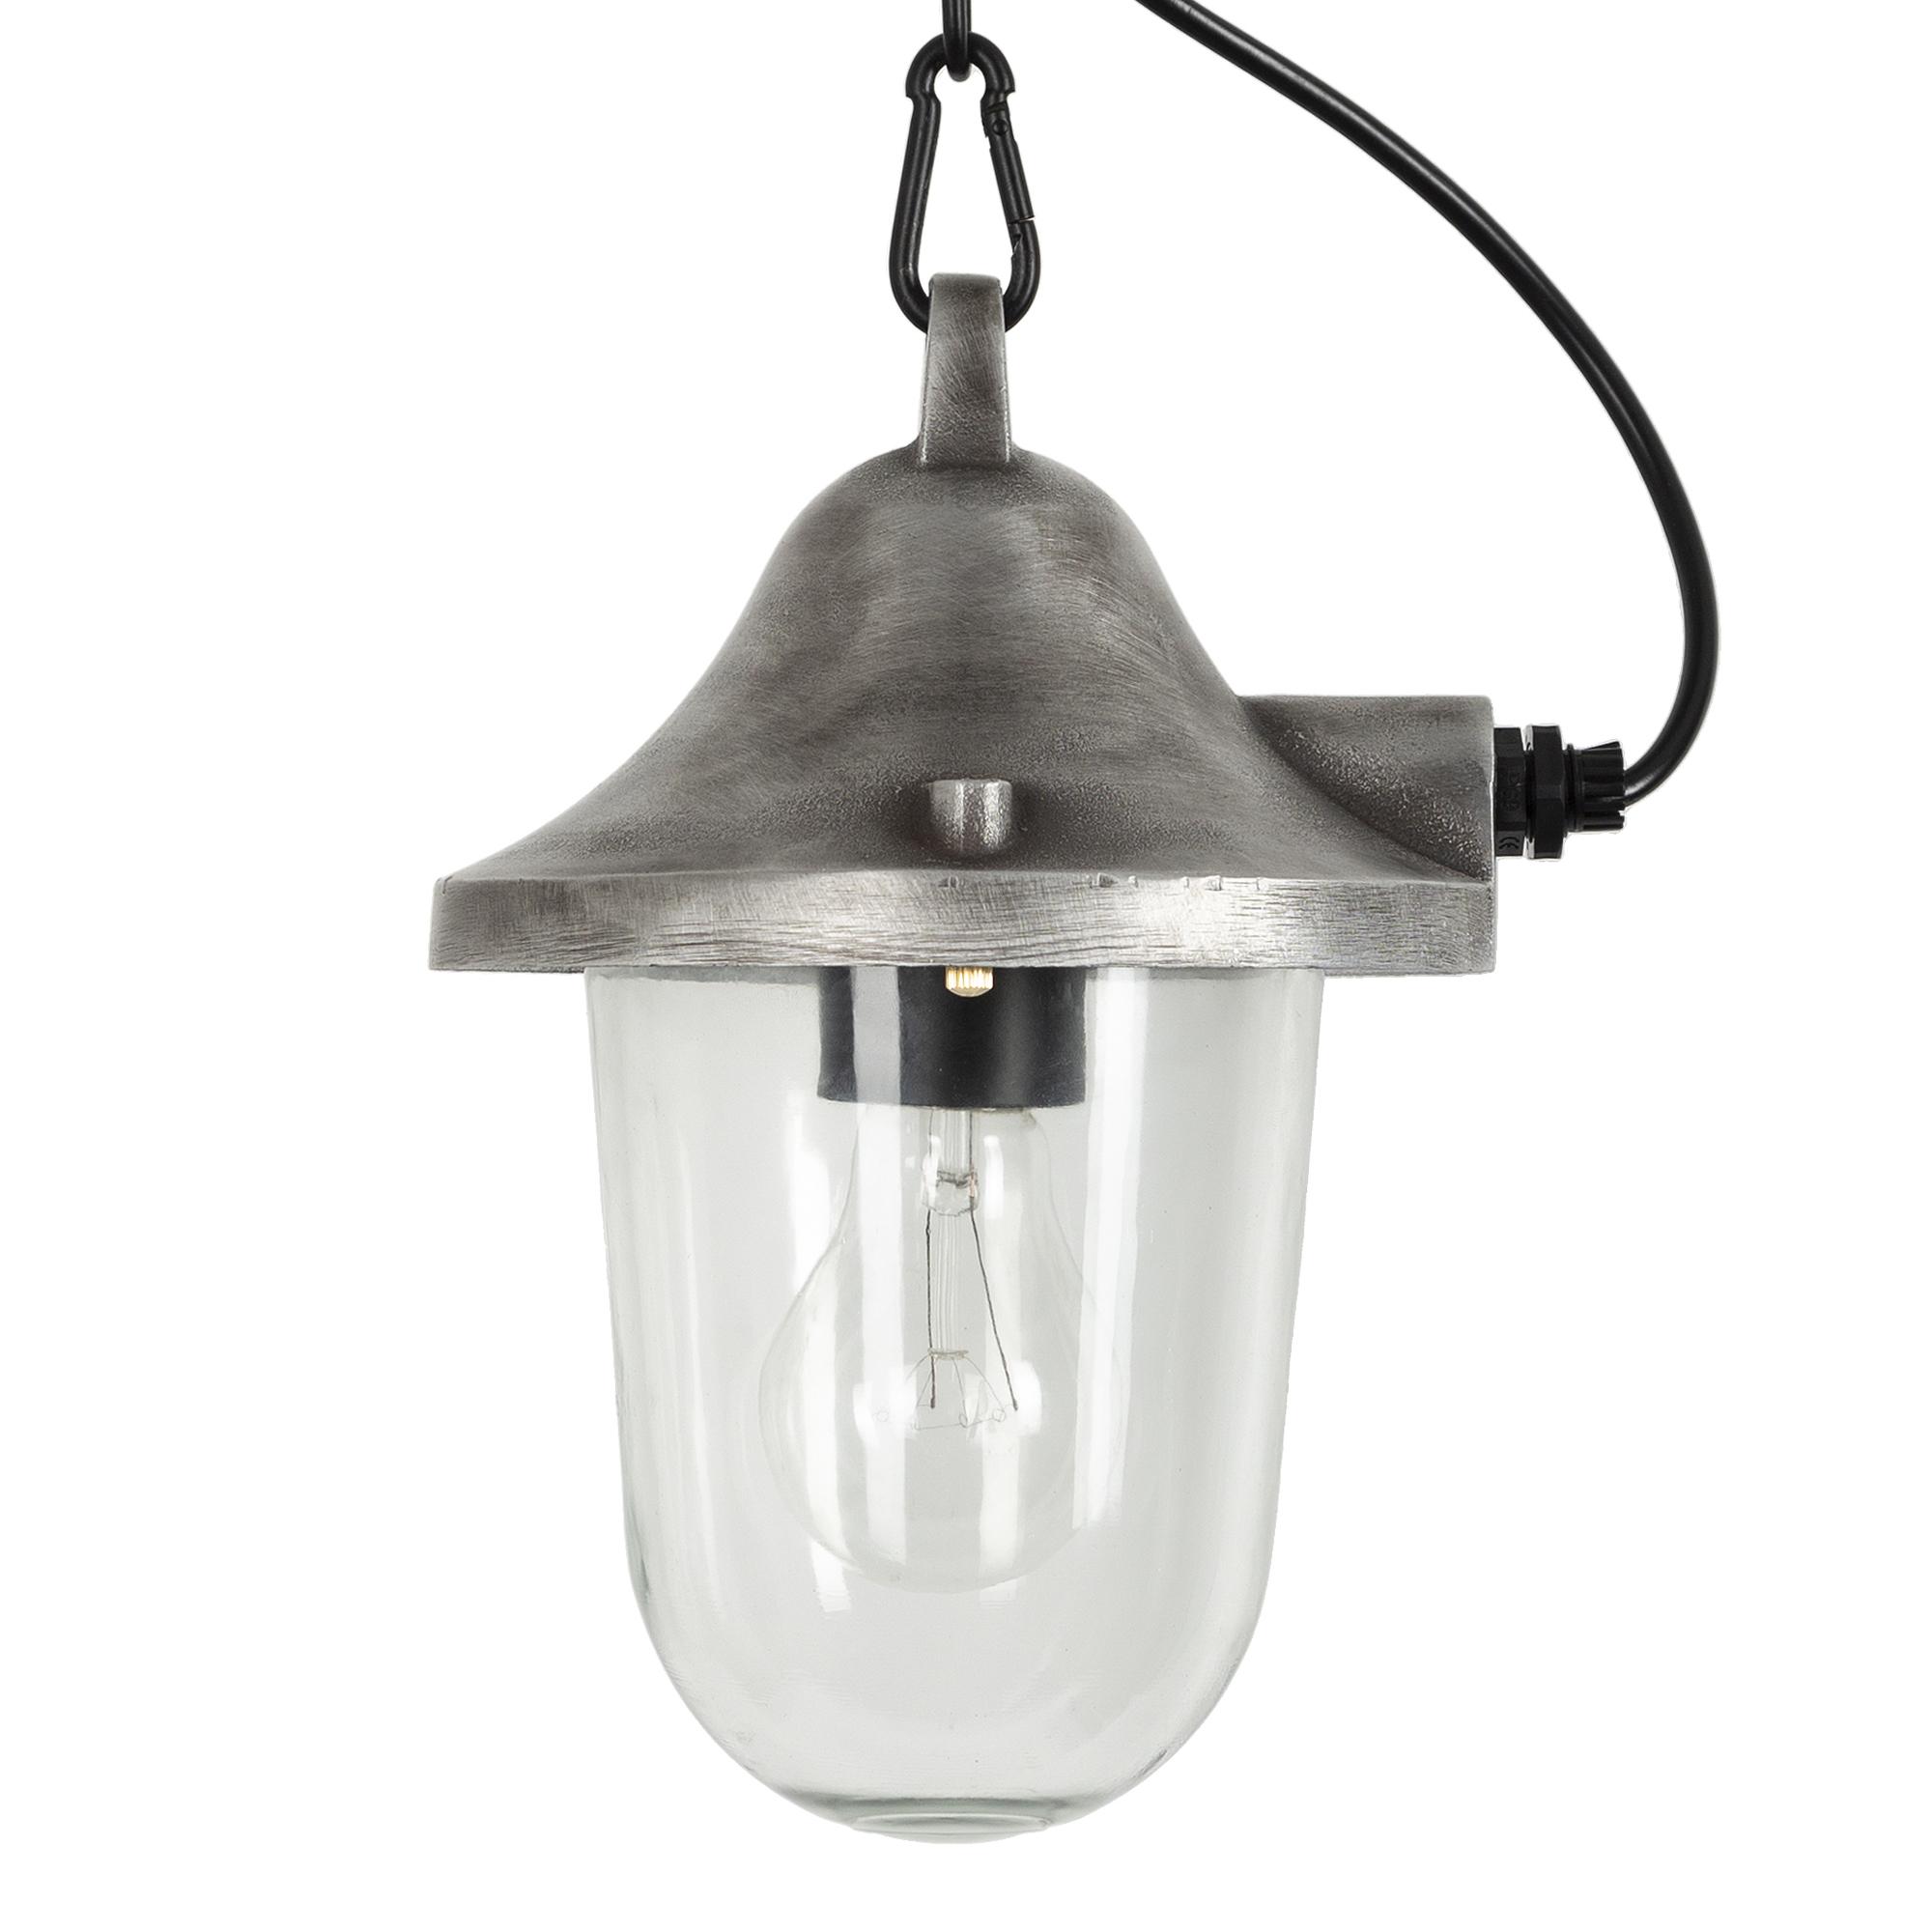 Hull kettinglamp ruw alumium